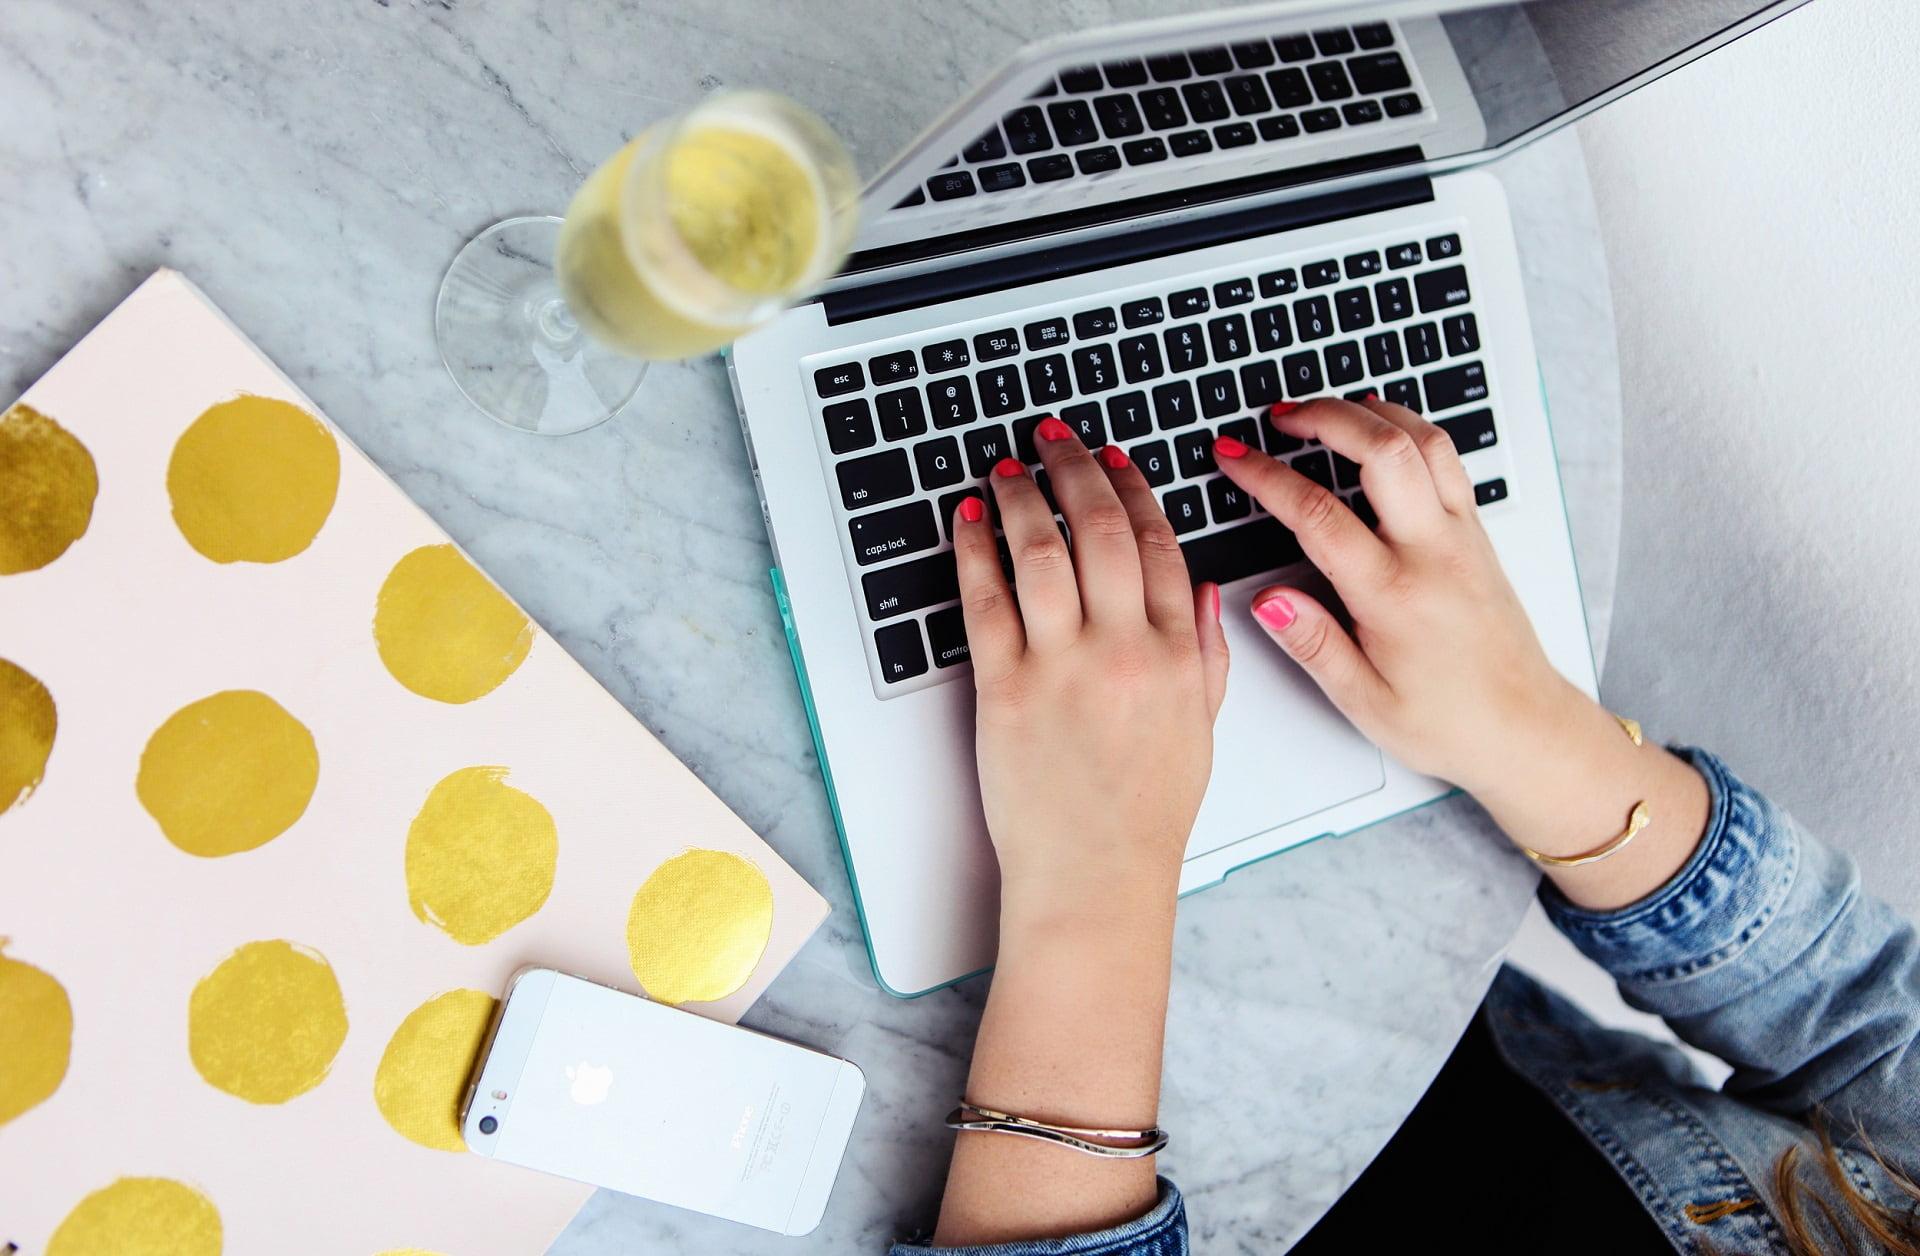 Mẫu CV tiếng Anh và cách viết CV xin việc bằng tiếng Anh hiệu quả nhất